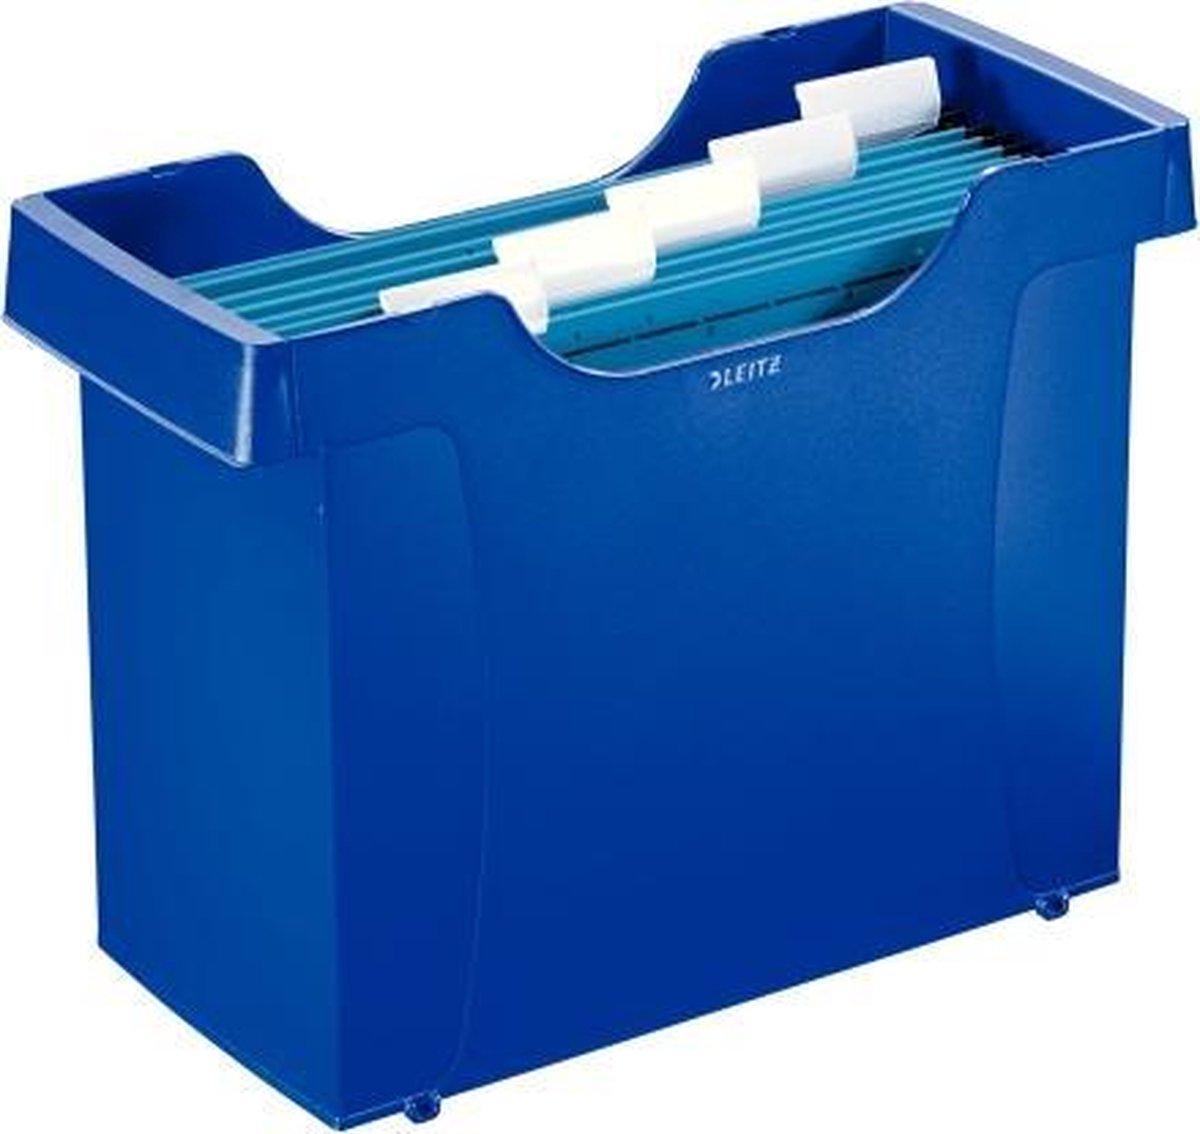 Leitz Hangmappencassette Plus blauw met hangmap